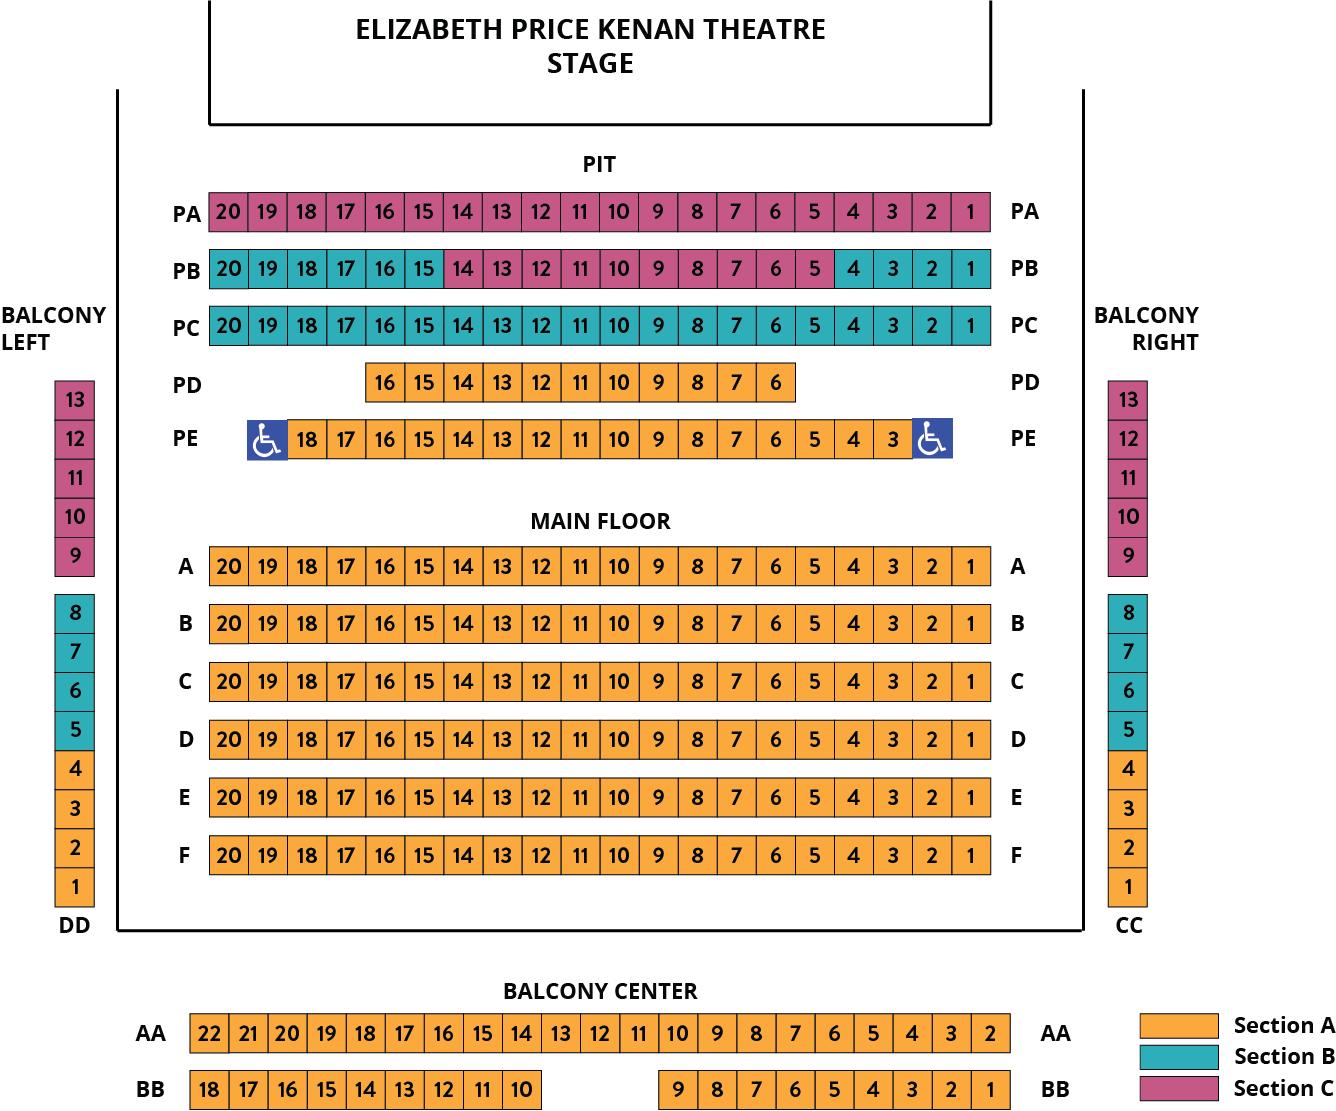 Kenan Seating Chart – Songs of Holiday Cheer